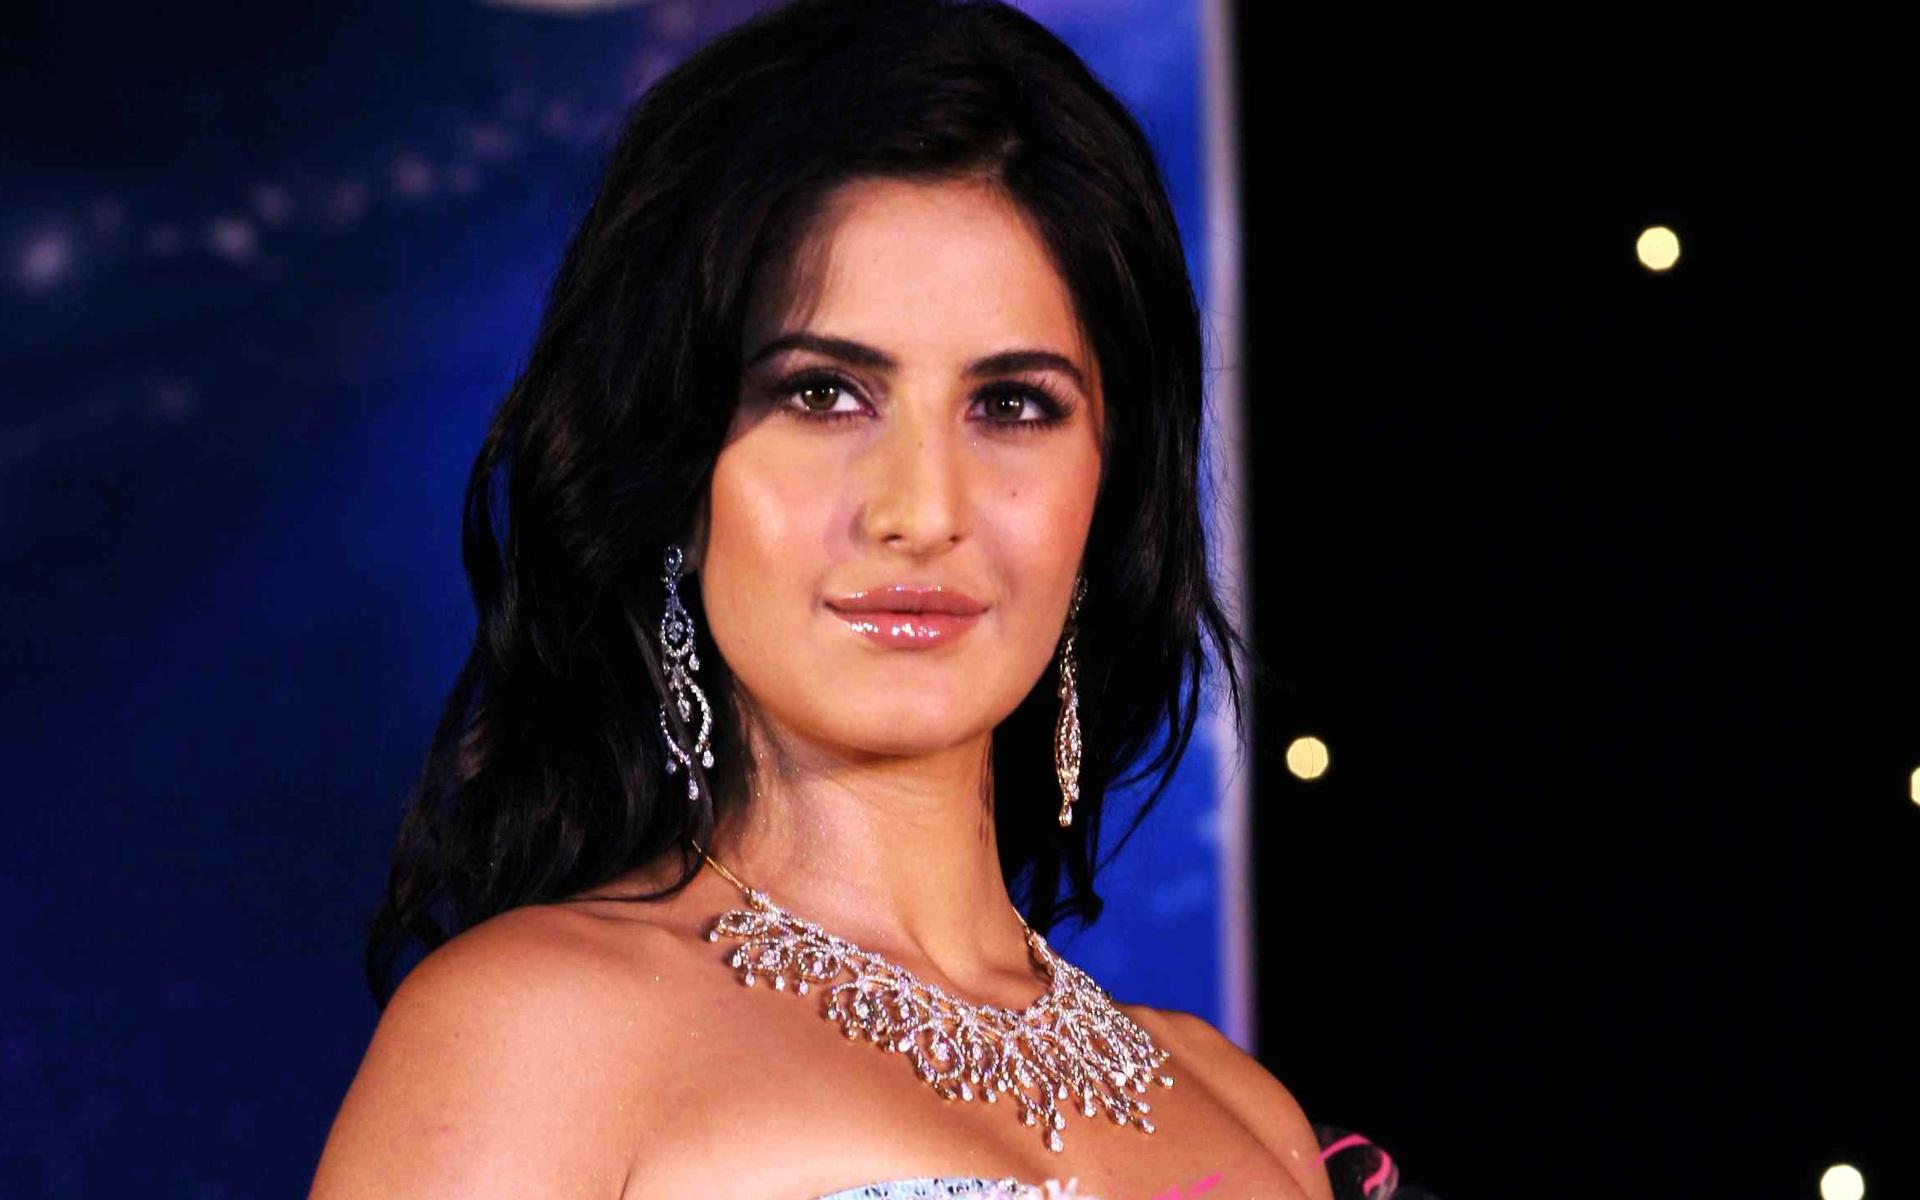 Indian Actress Katrina